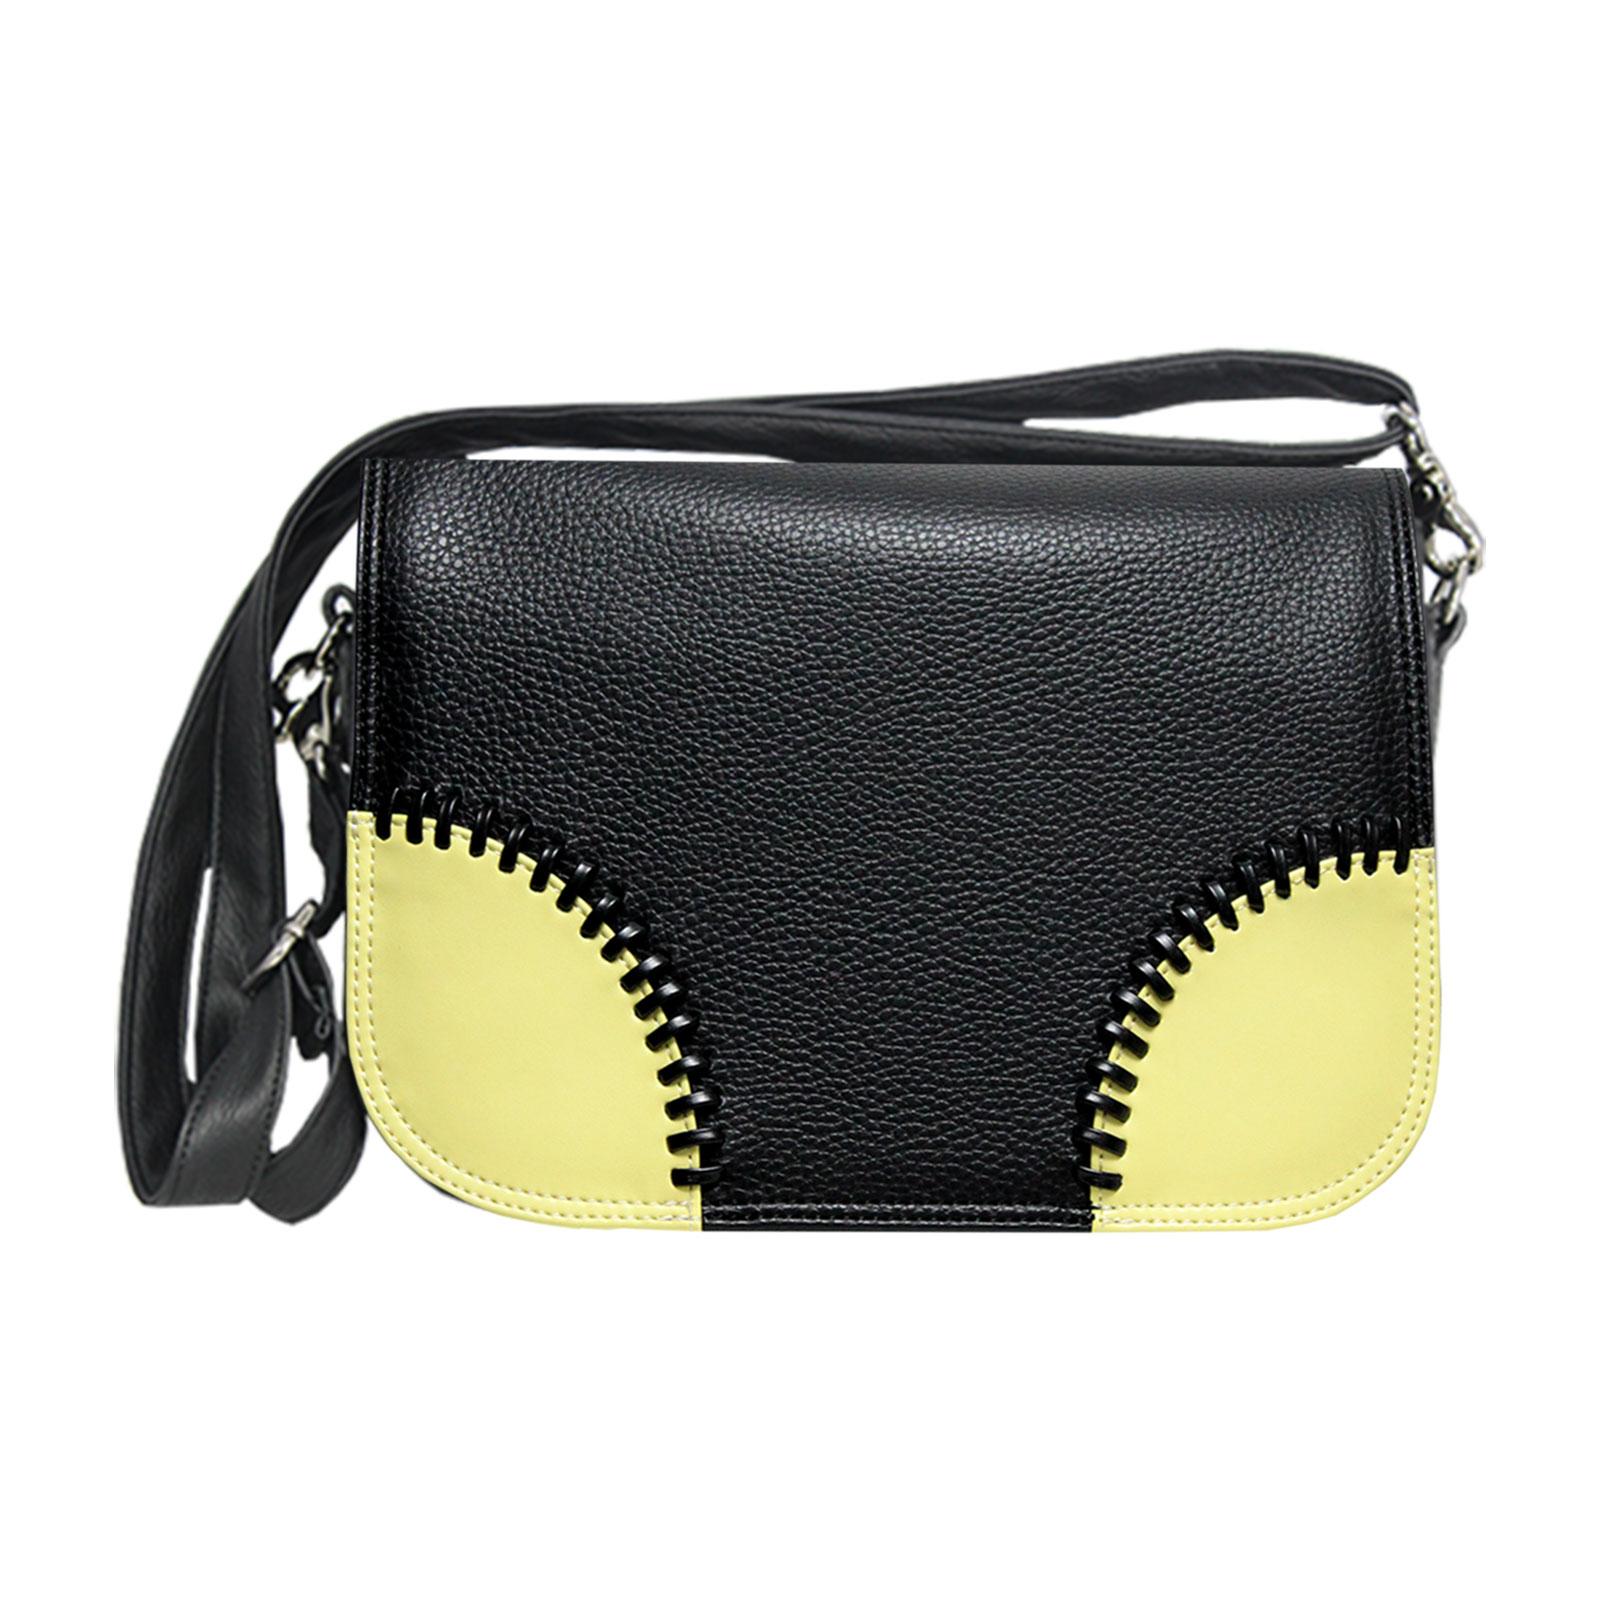 Croos over Handtasche in schwarz mit gelben Ecken von Delieta soft